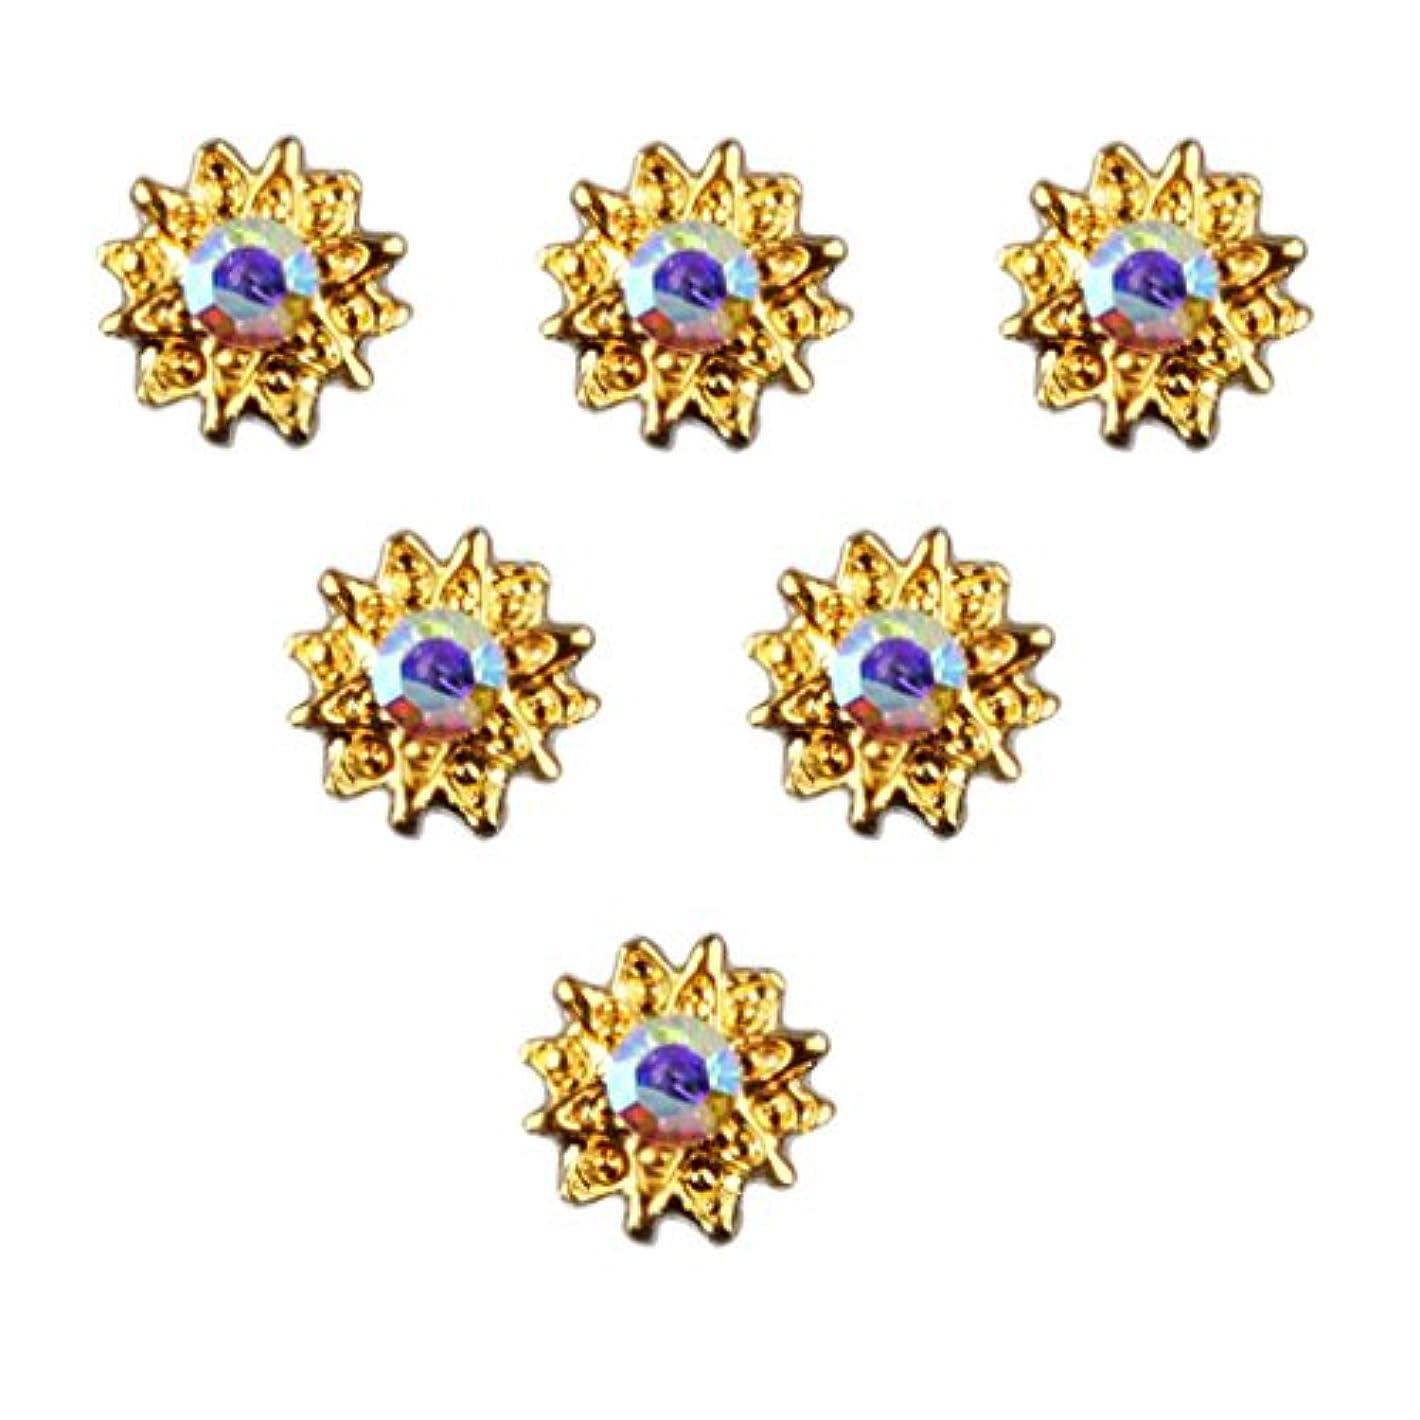 窒素雲豆腐T TOOYFUL 全8種類 マニキュア ネイルデザイン ダイヤモンド 3Dネイルアート ヒントステッカー 50個入り - 5